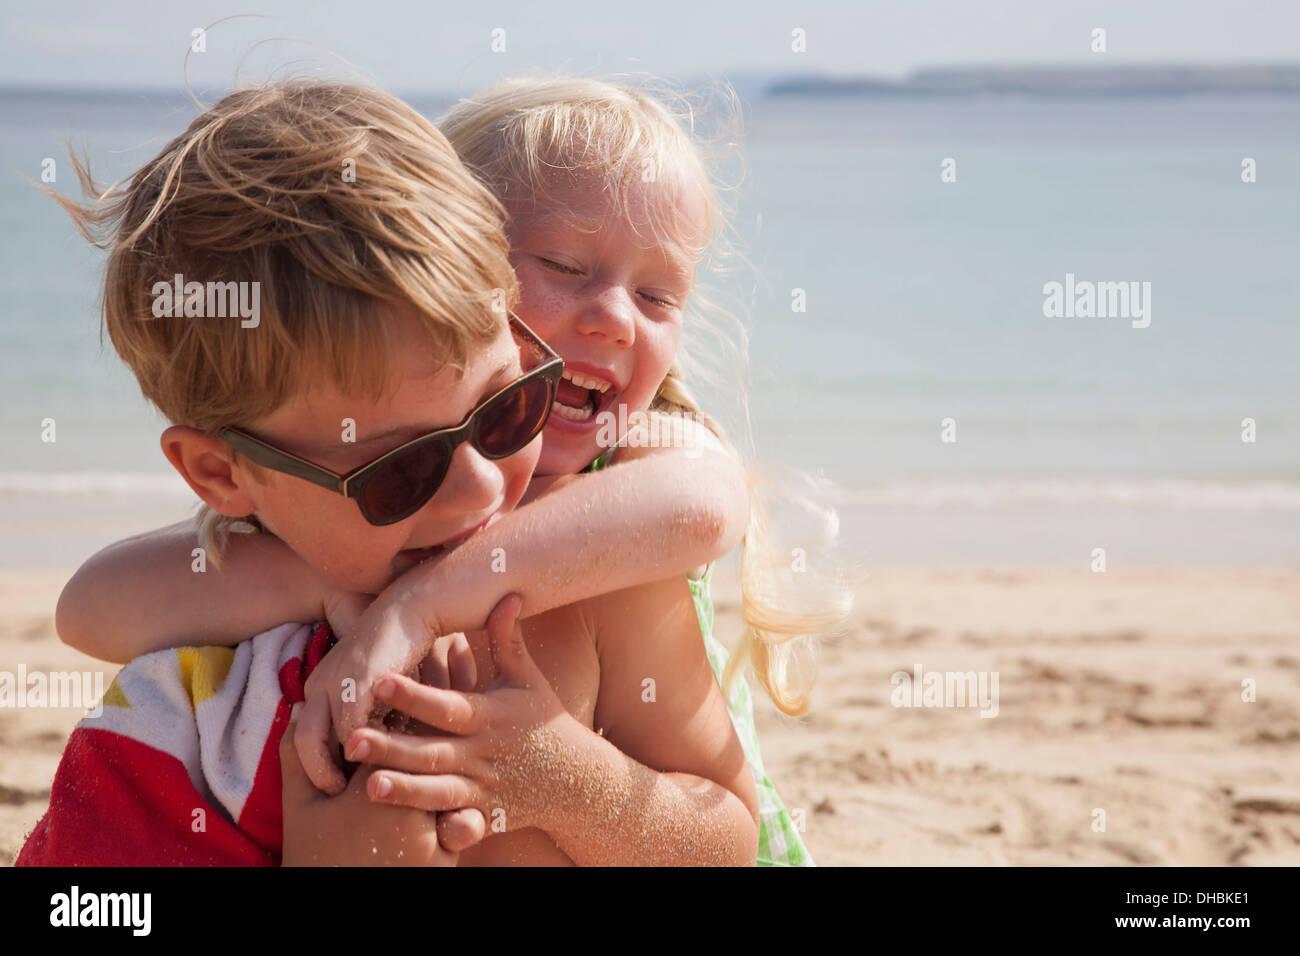 Un frère et une sœur jouer combats sur la plage. Un garçon dans des lunettes de soleil et une plus jeune fille avec ses bras autour de son cou. Photo Stock